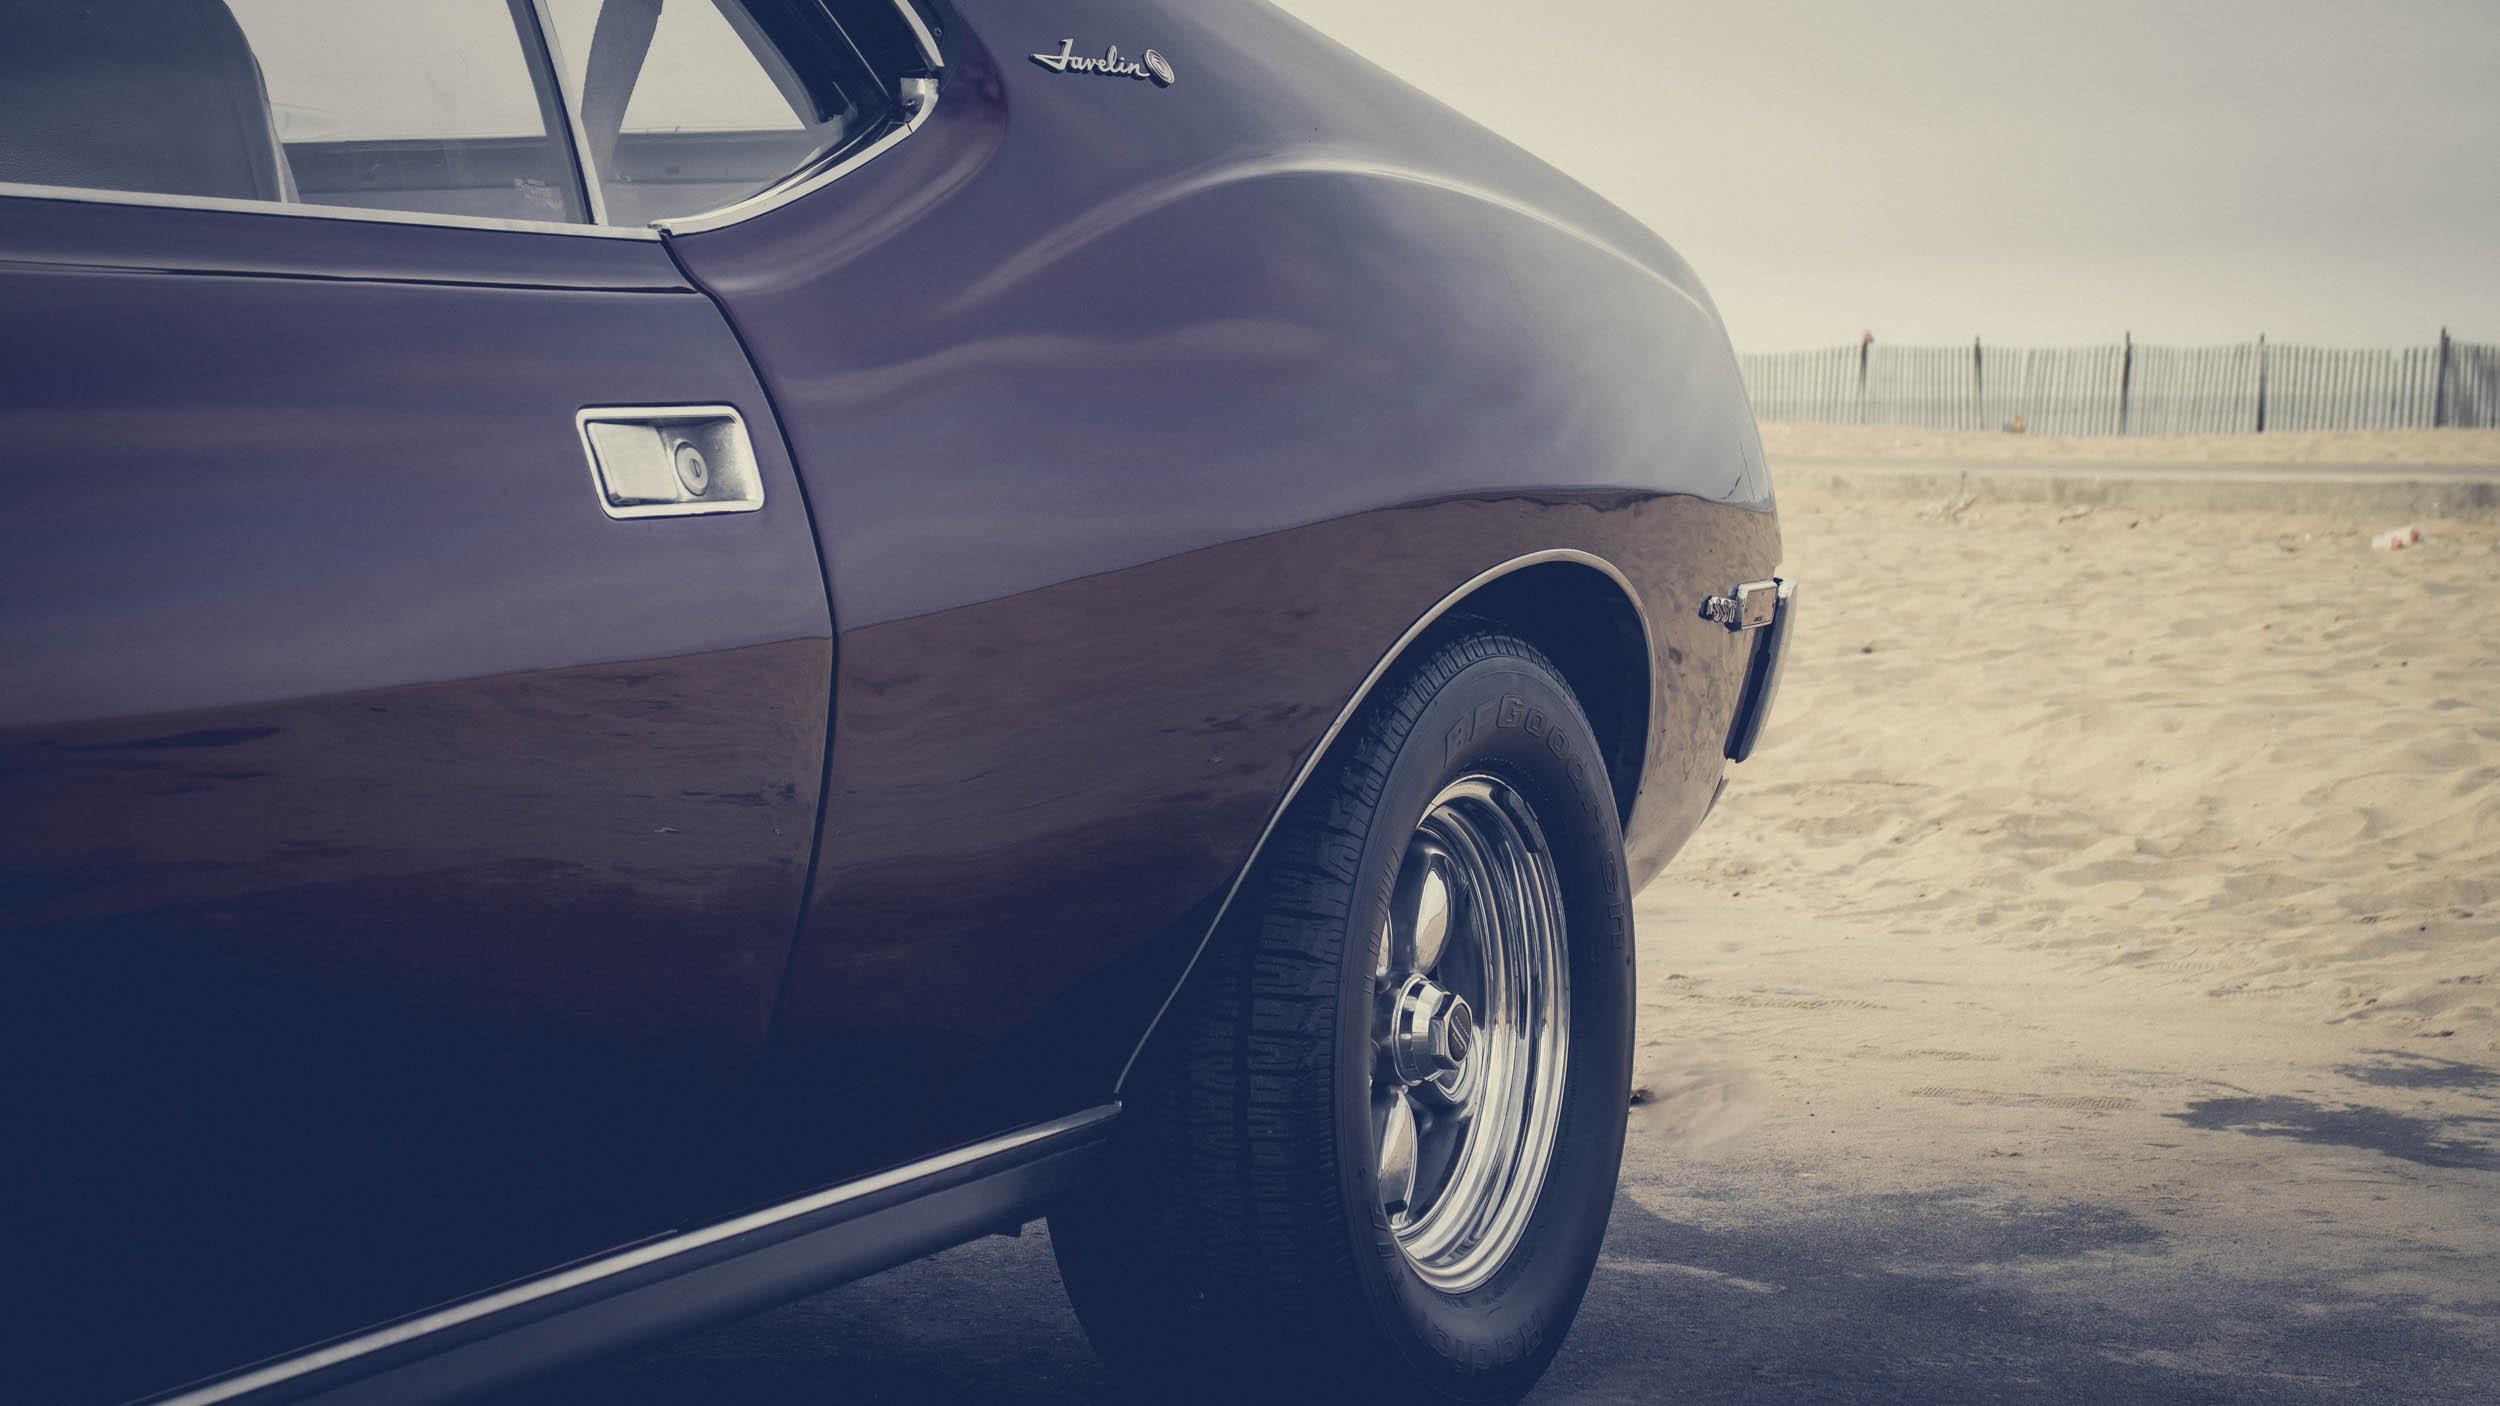 1972 AMC Javelin SST rear fender